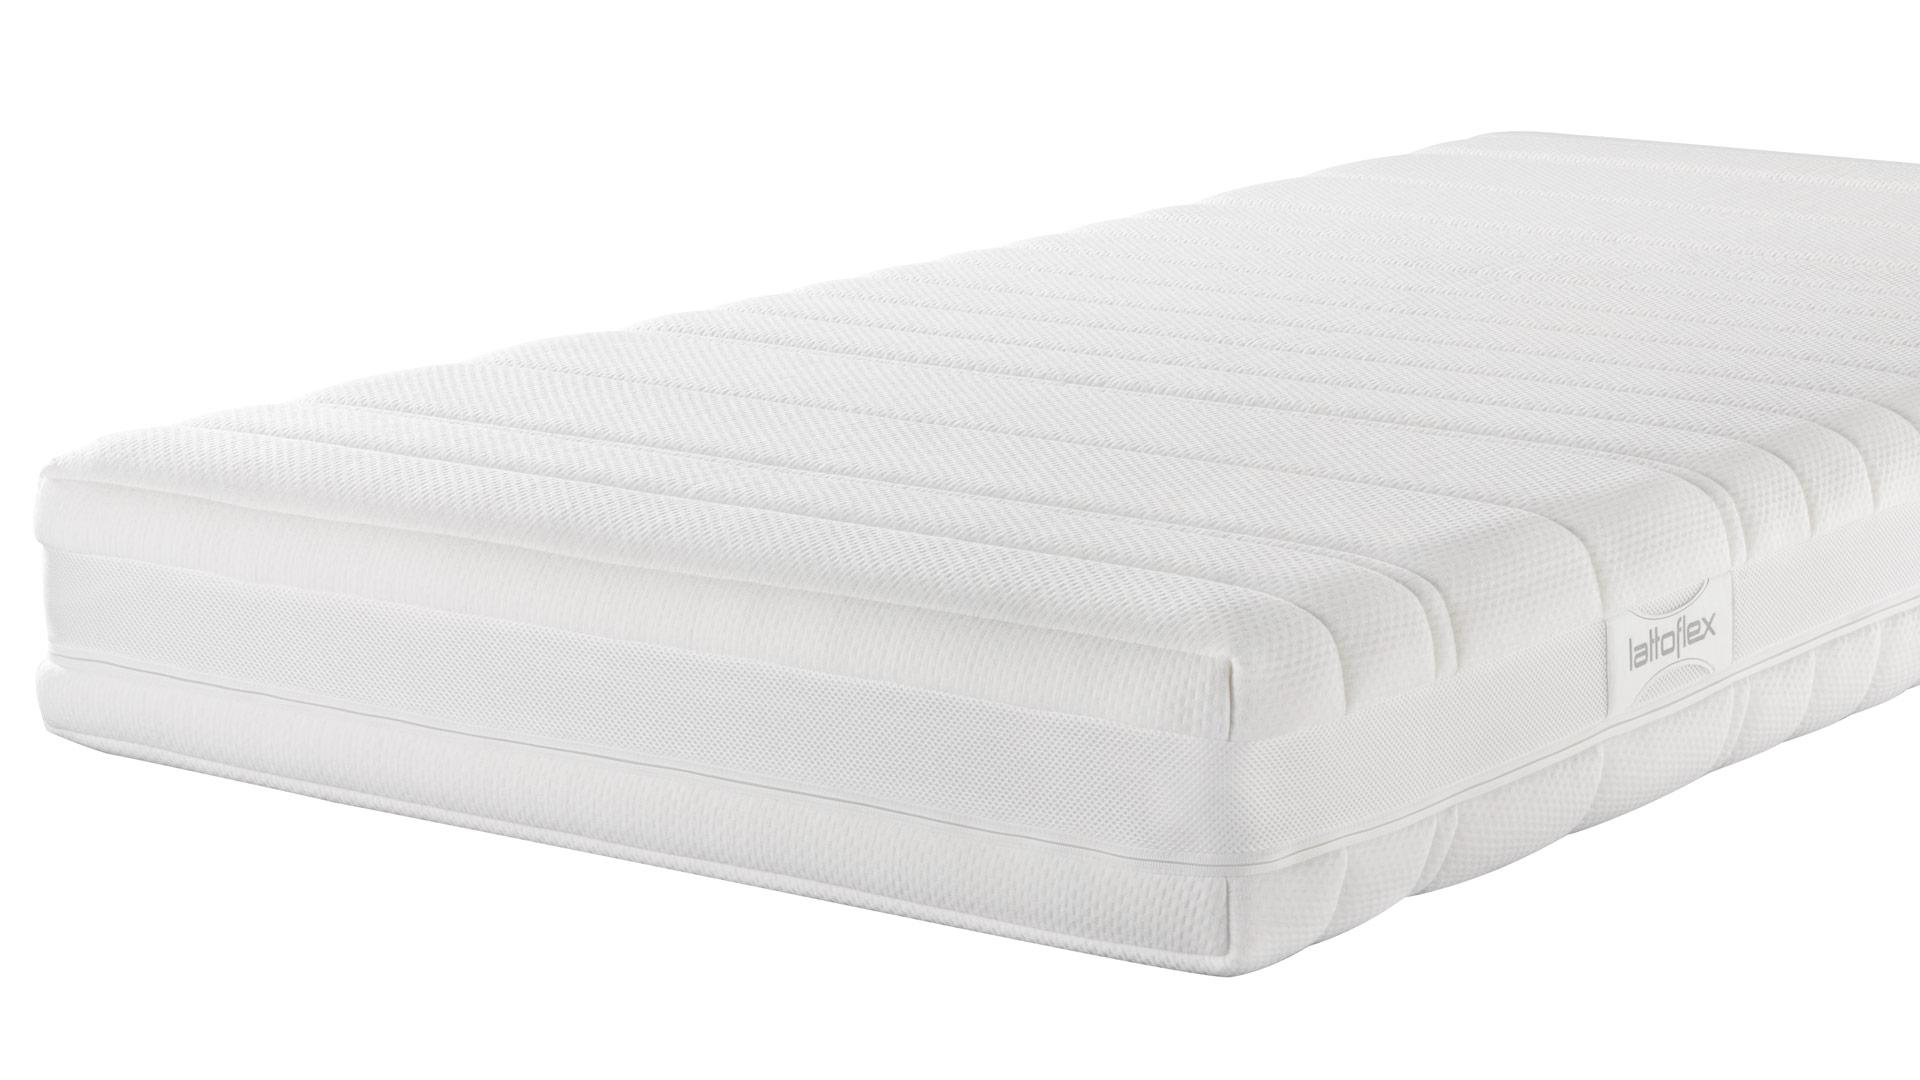 bettsysteme individuelle l s ngen f r individuelle bed rfnisse. Black Bedroom Furniture Sets. Home Design Ideas